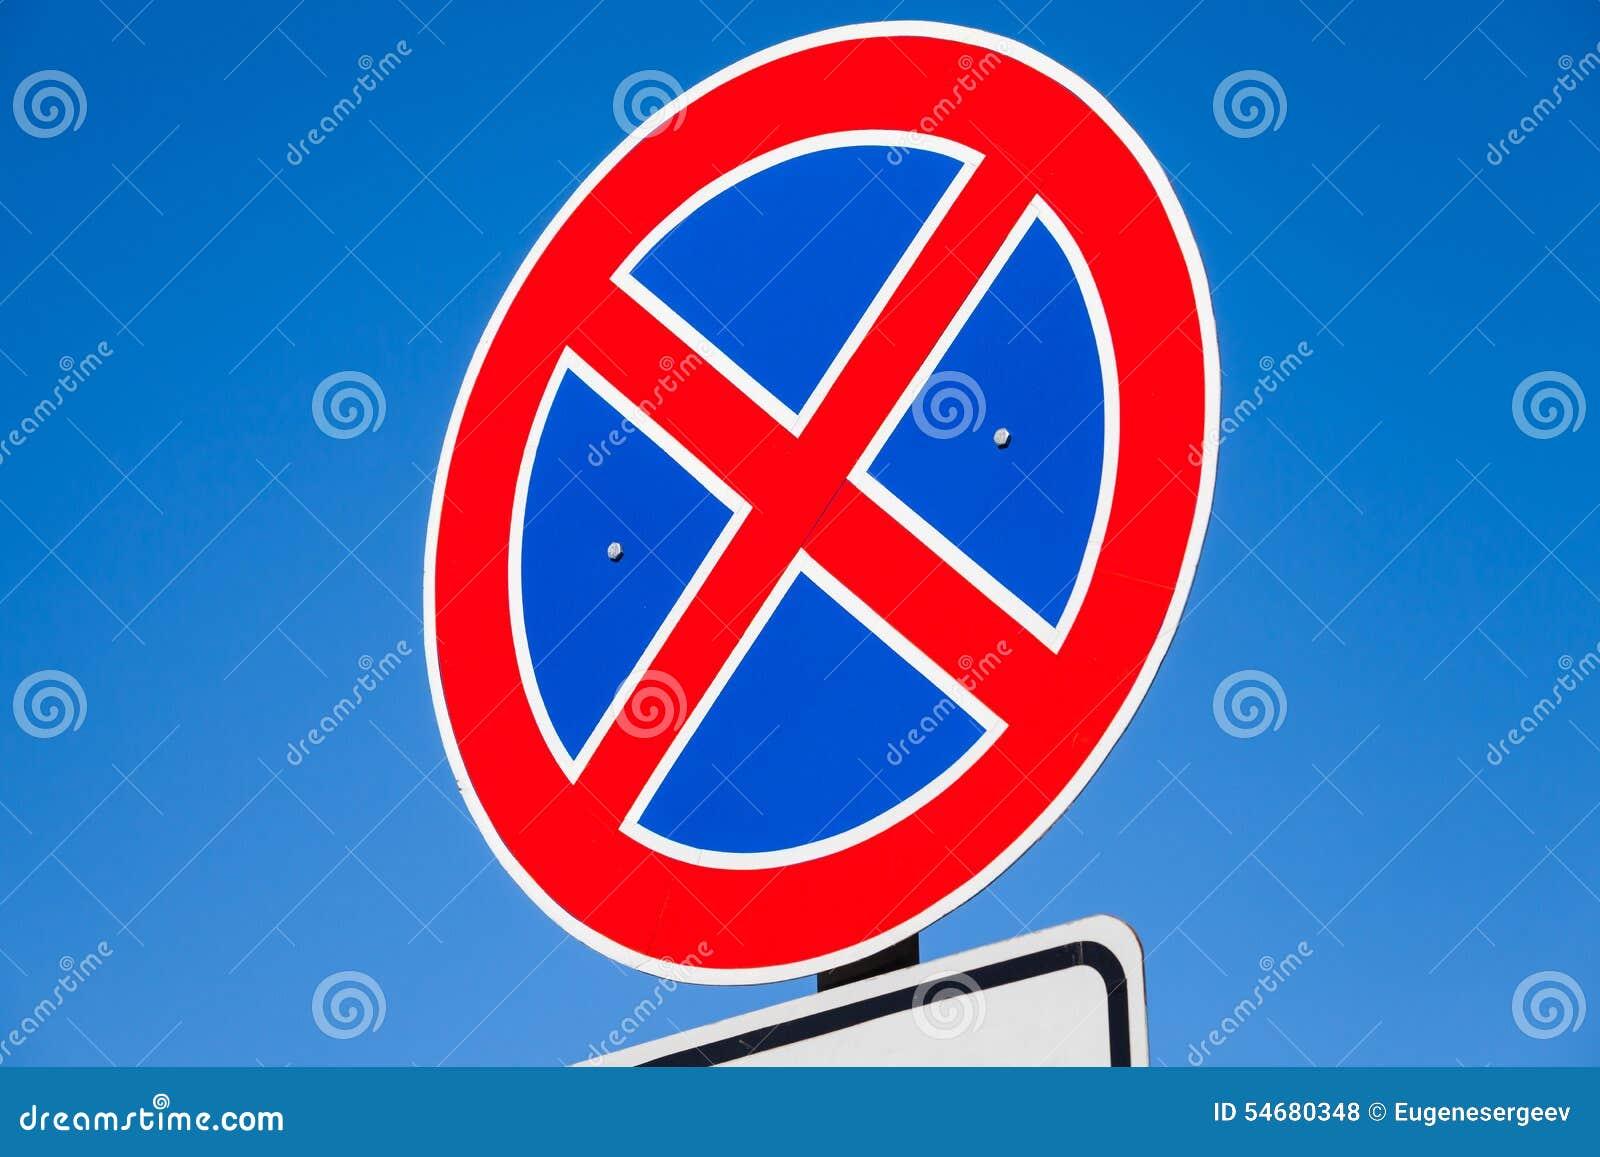 le panneau routier rond se tenant est interdit photo stock image 54680348. Black Bedroom Furniture Sets. Home Design Ideas